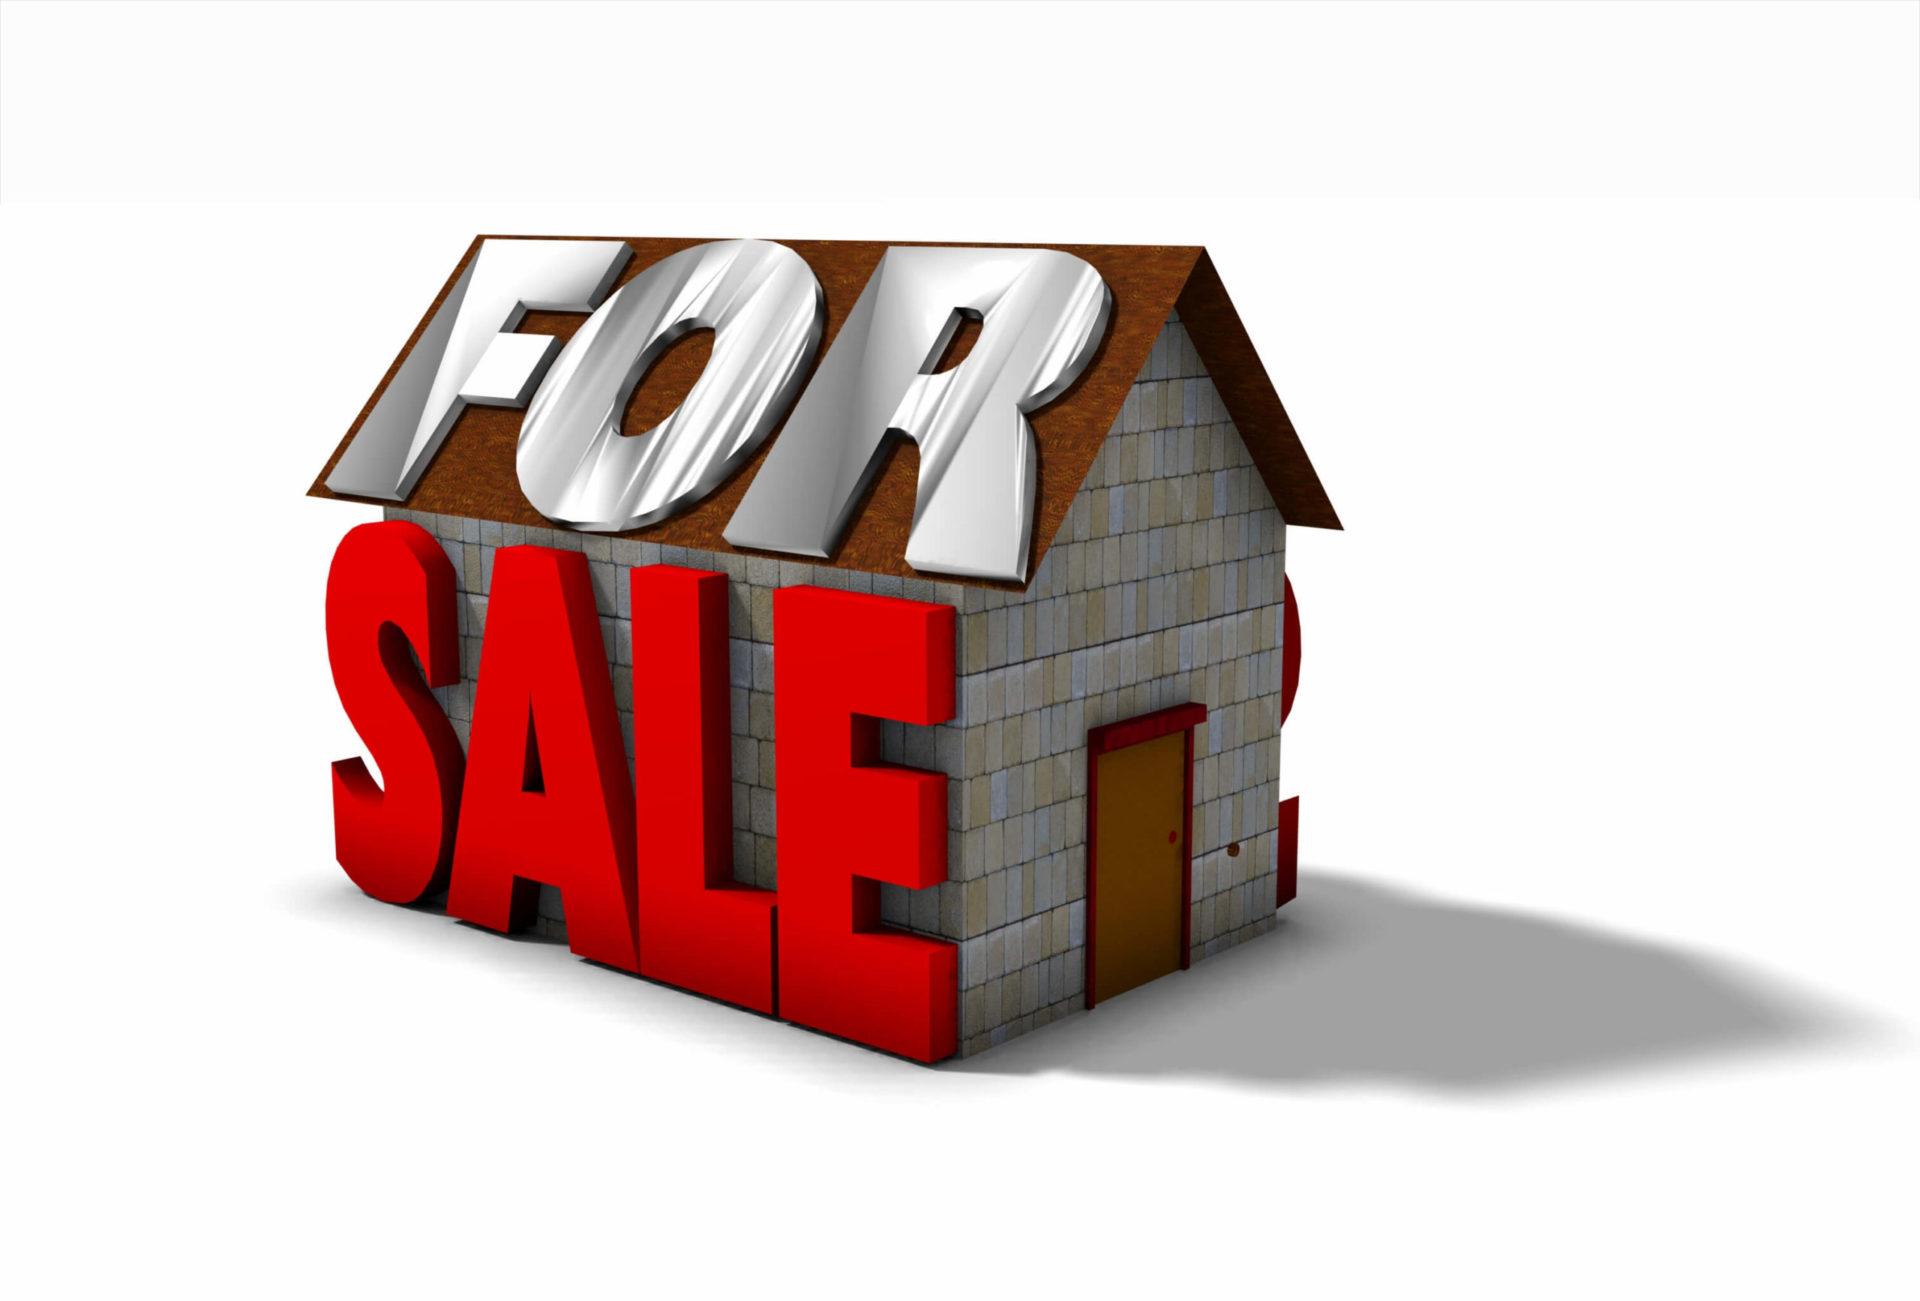 מכירת דירה - המדריך המלא | עושים נדל״ן - כל המידע, בית אחד